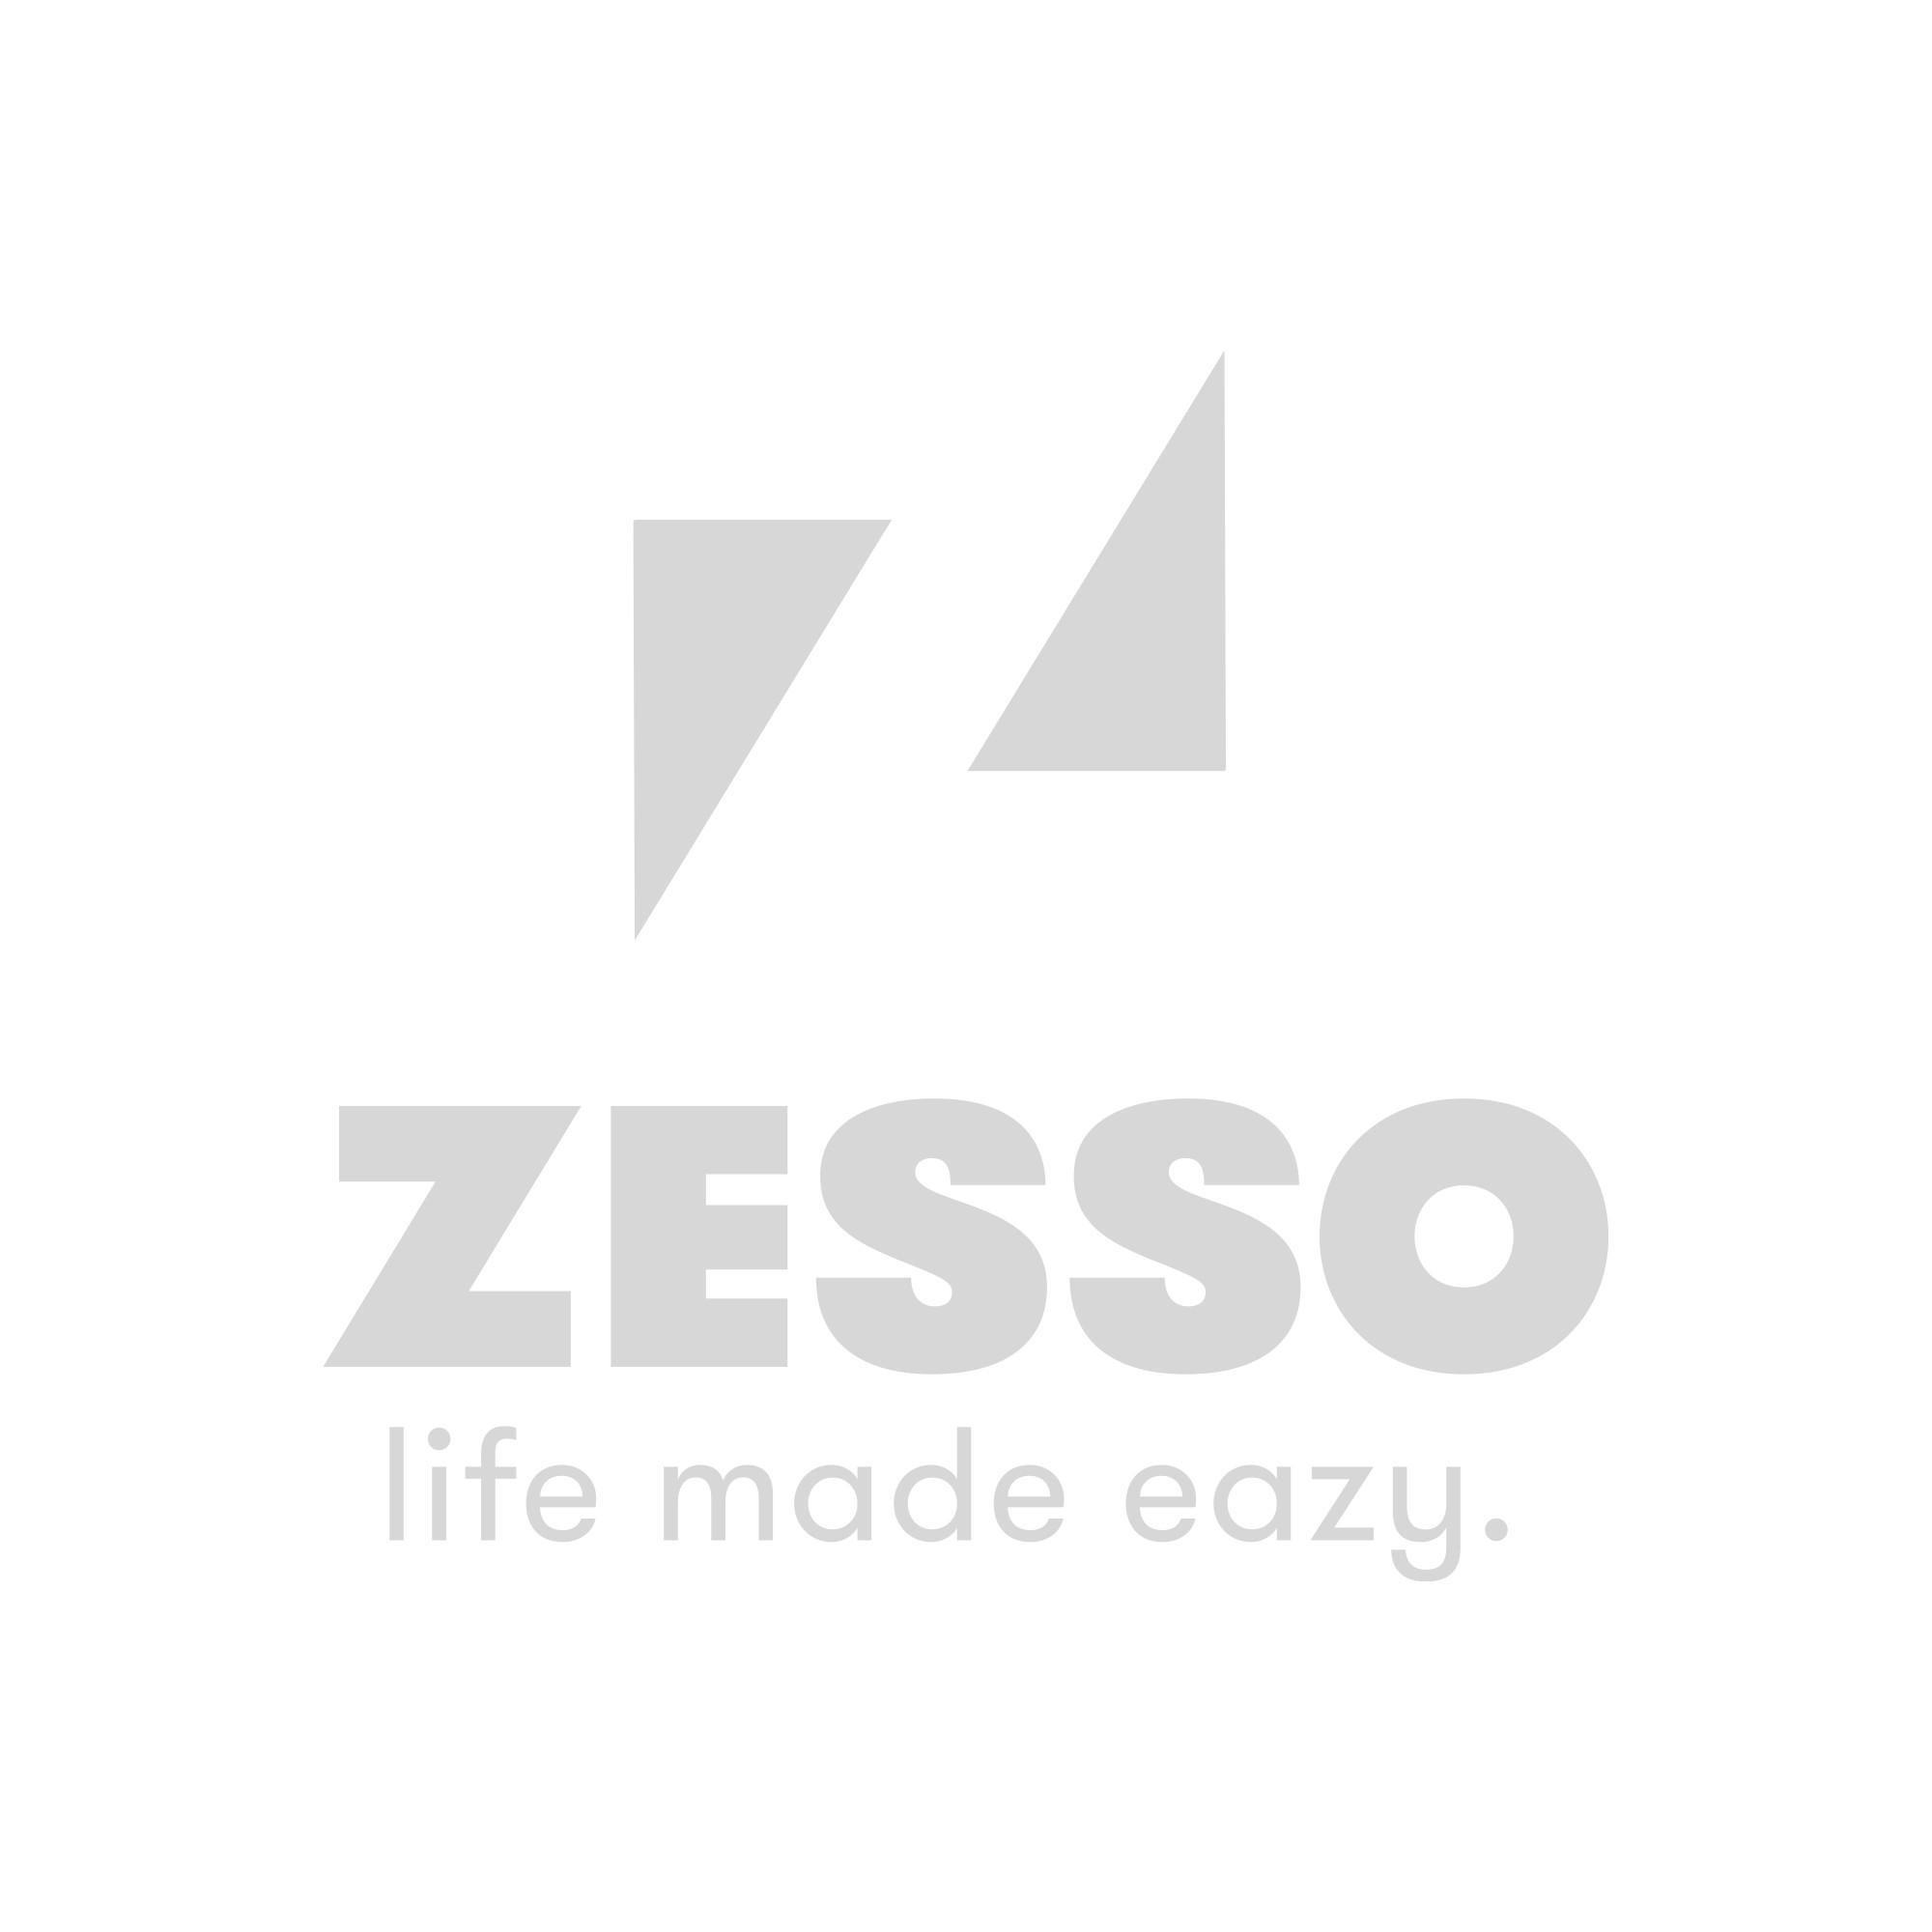 Kinderkamer inrichten met leuke meubels voor kinderen